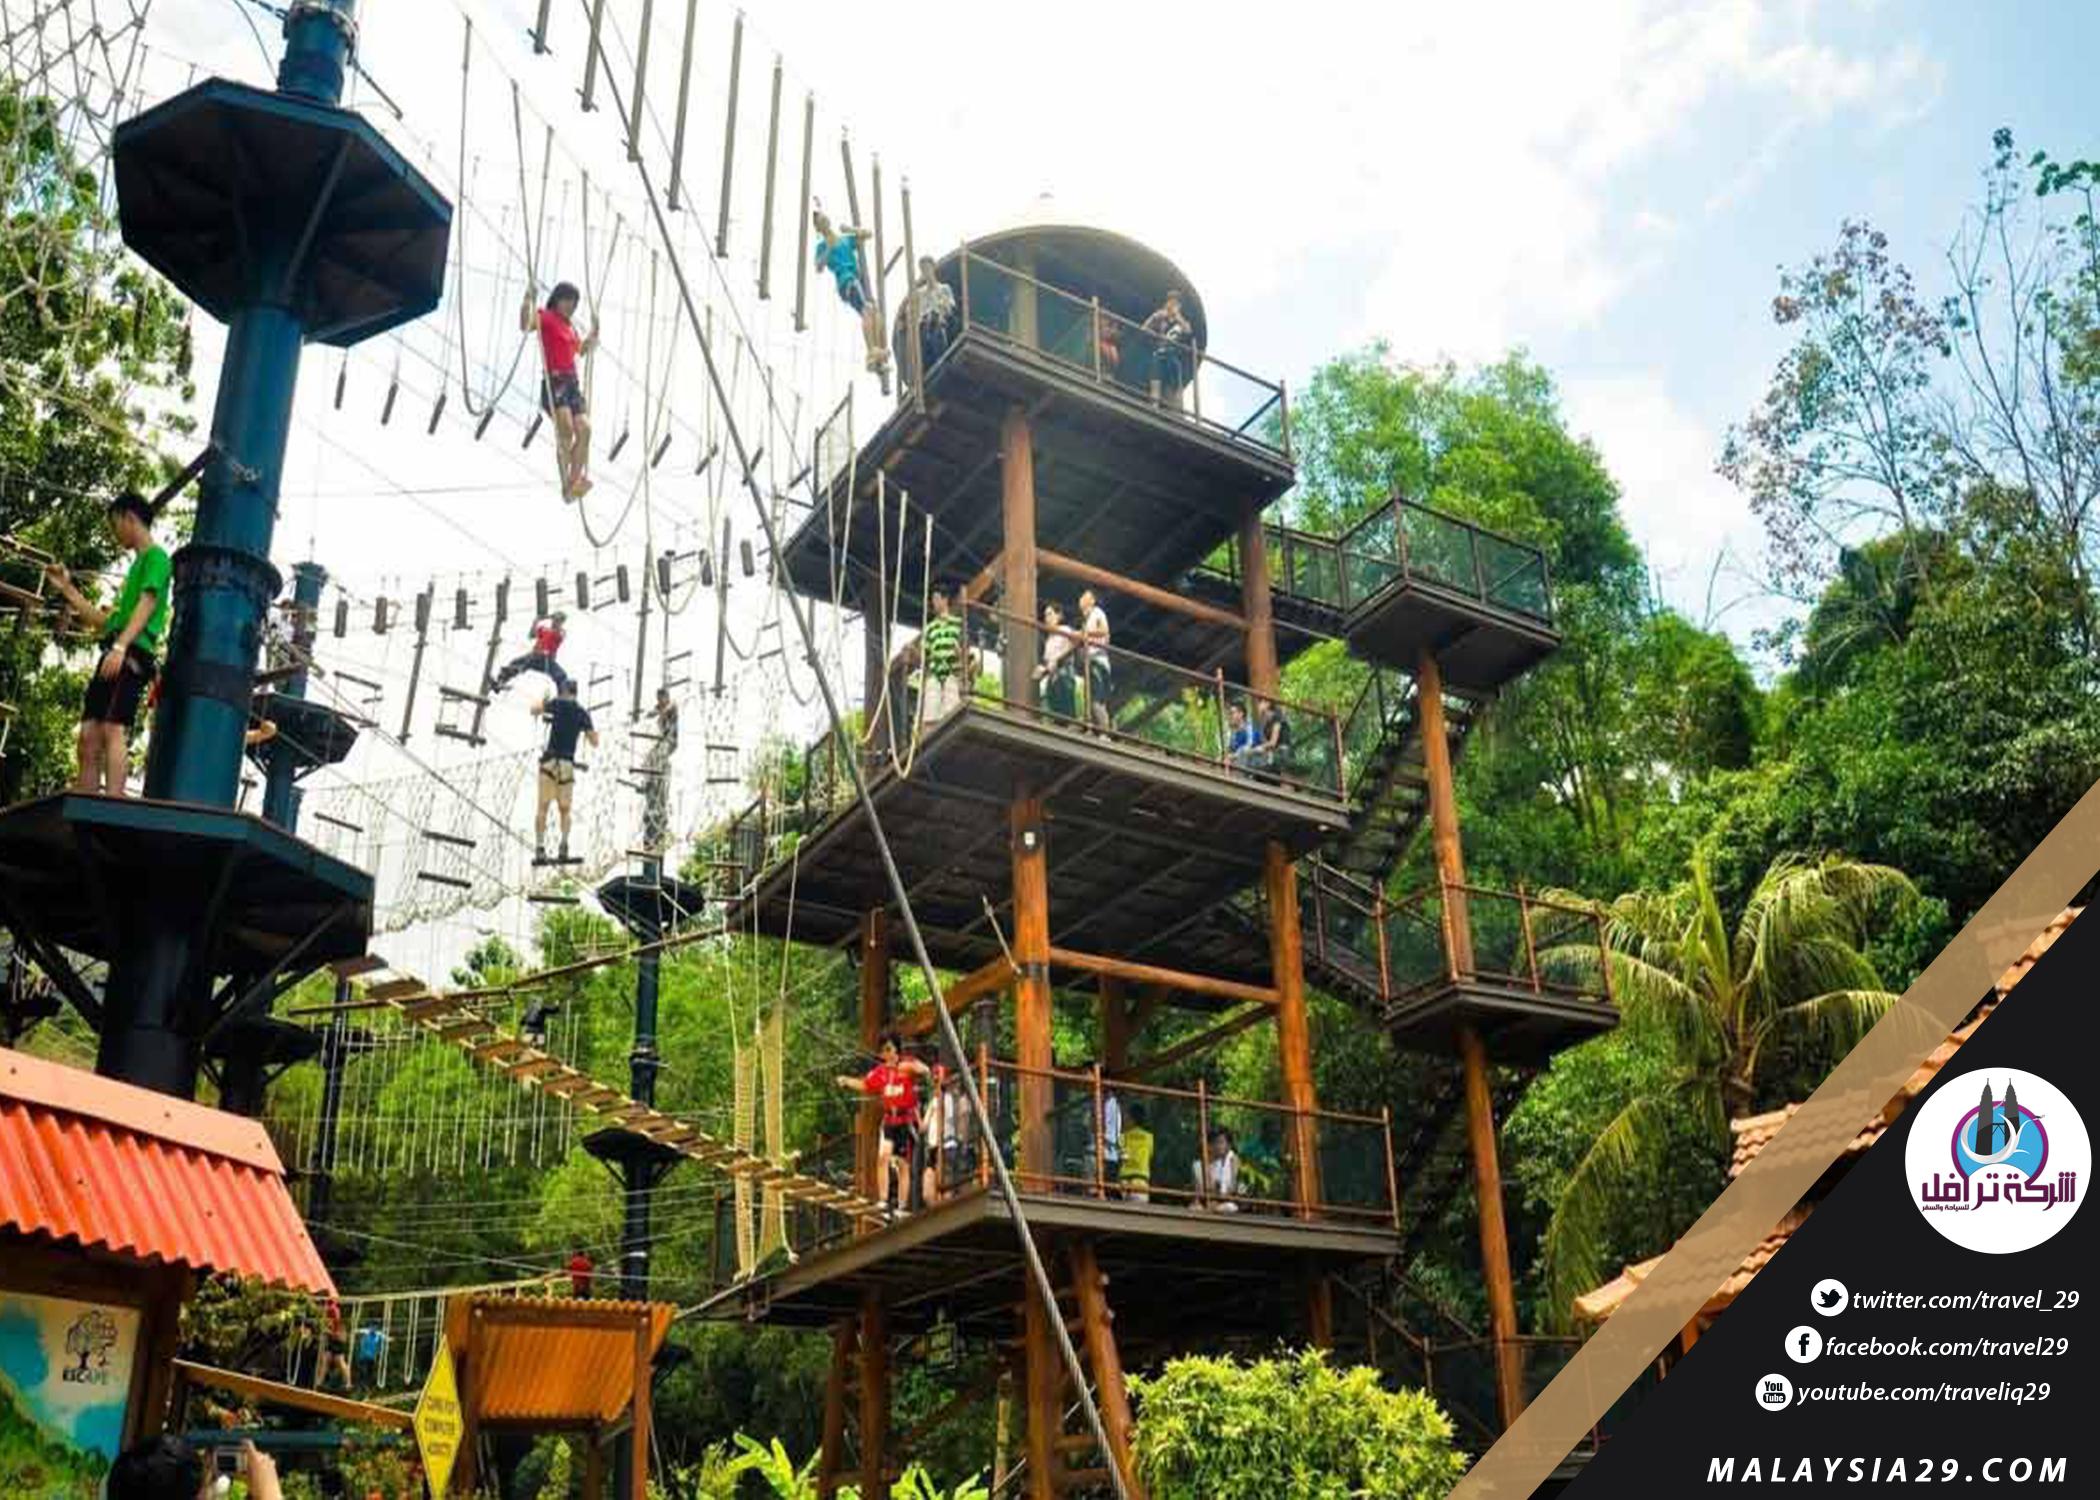 افضل 6 أنشطة في لعبة مغامرات الهروب بينانج ماليزيا